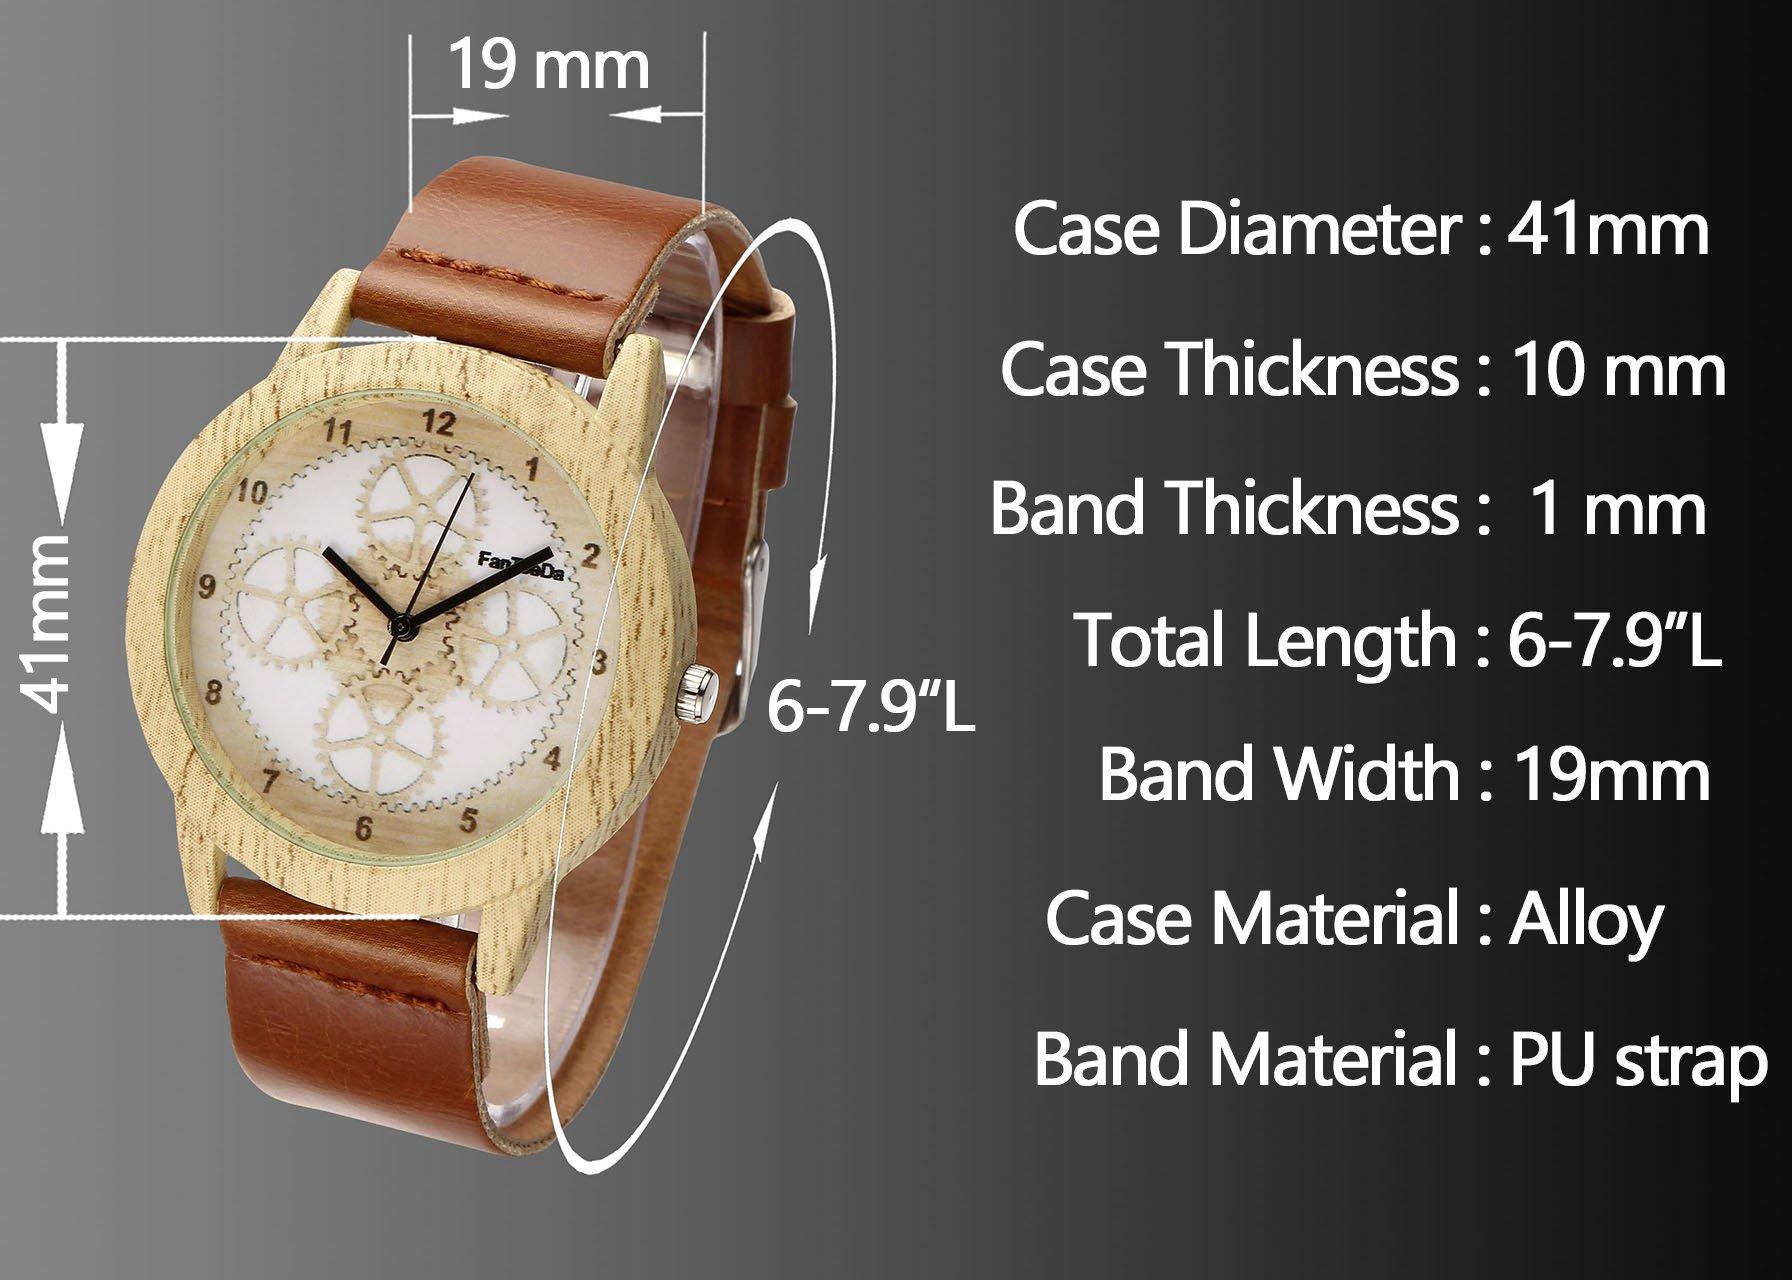 JSDDE Uhren,Vintage Holz-Muster Zahnrad Armbanduhr Damenuhr Kleid Uhr PU Lederarmband Analog Quarzuhr,Braun